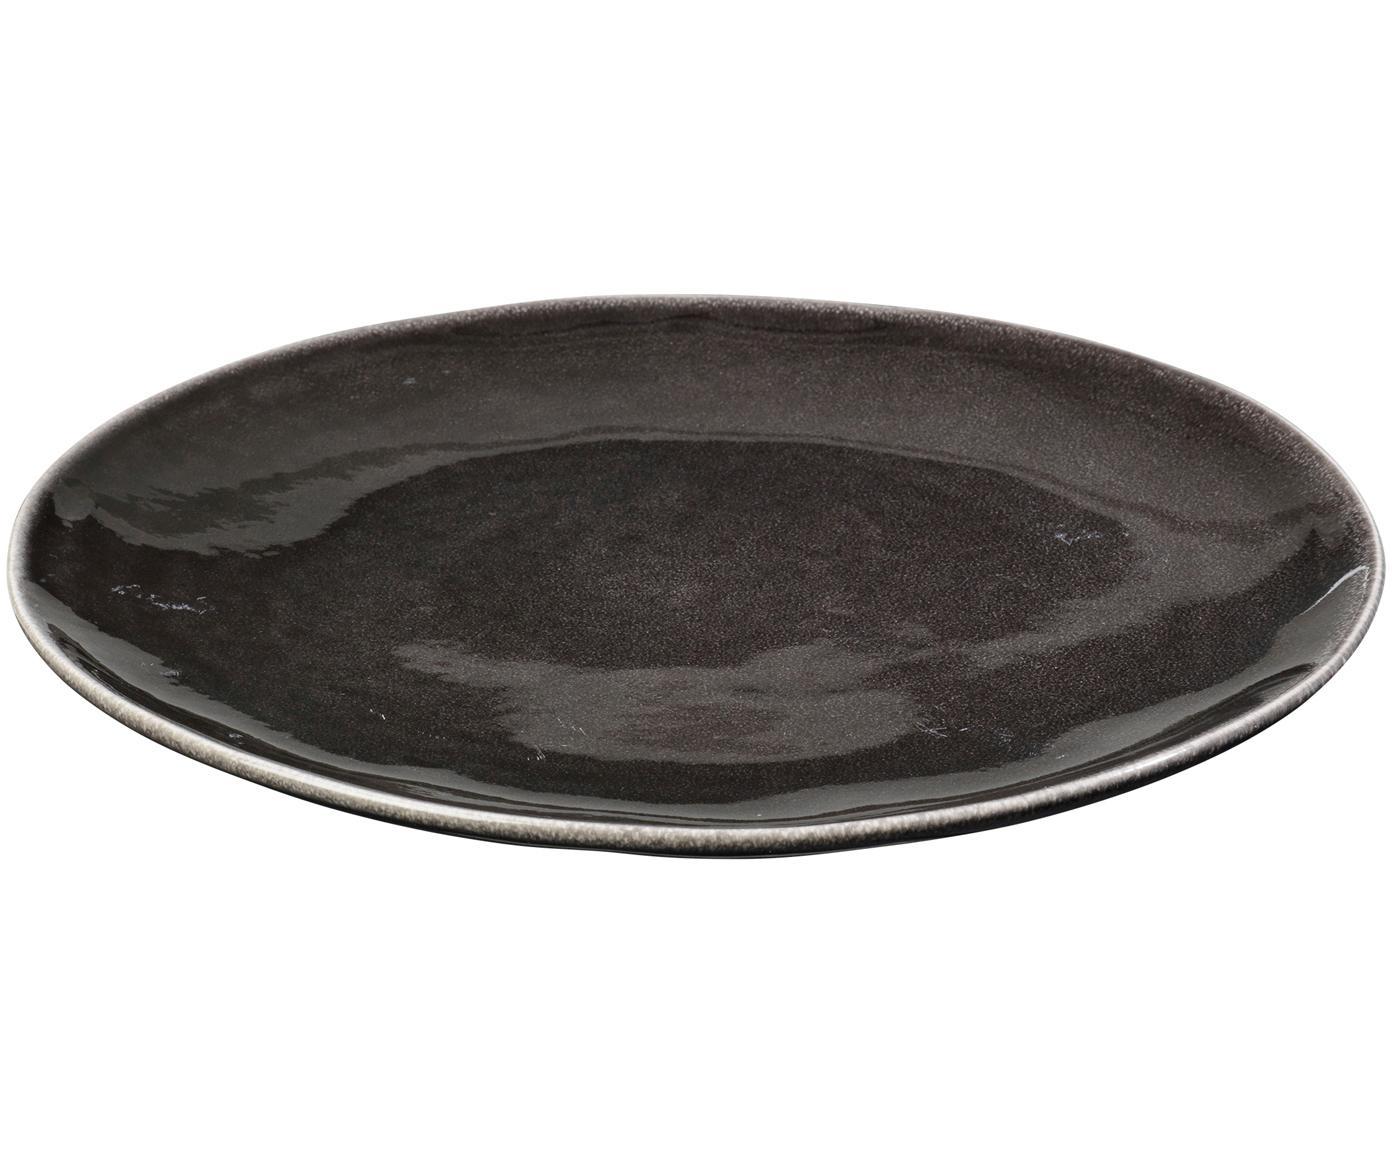 Handgemachte Speiseteller Nordic Coal, 4 Stück, Steingut, Bräunlich, Ø 26 cm